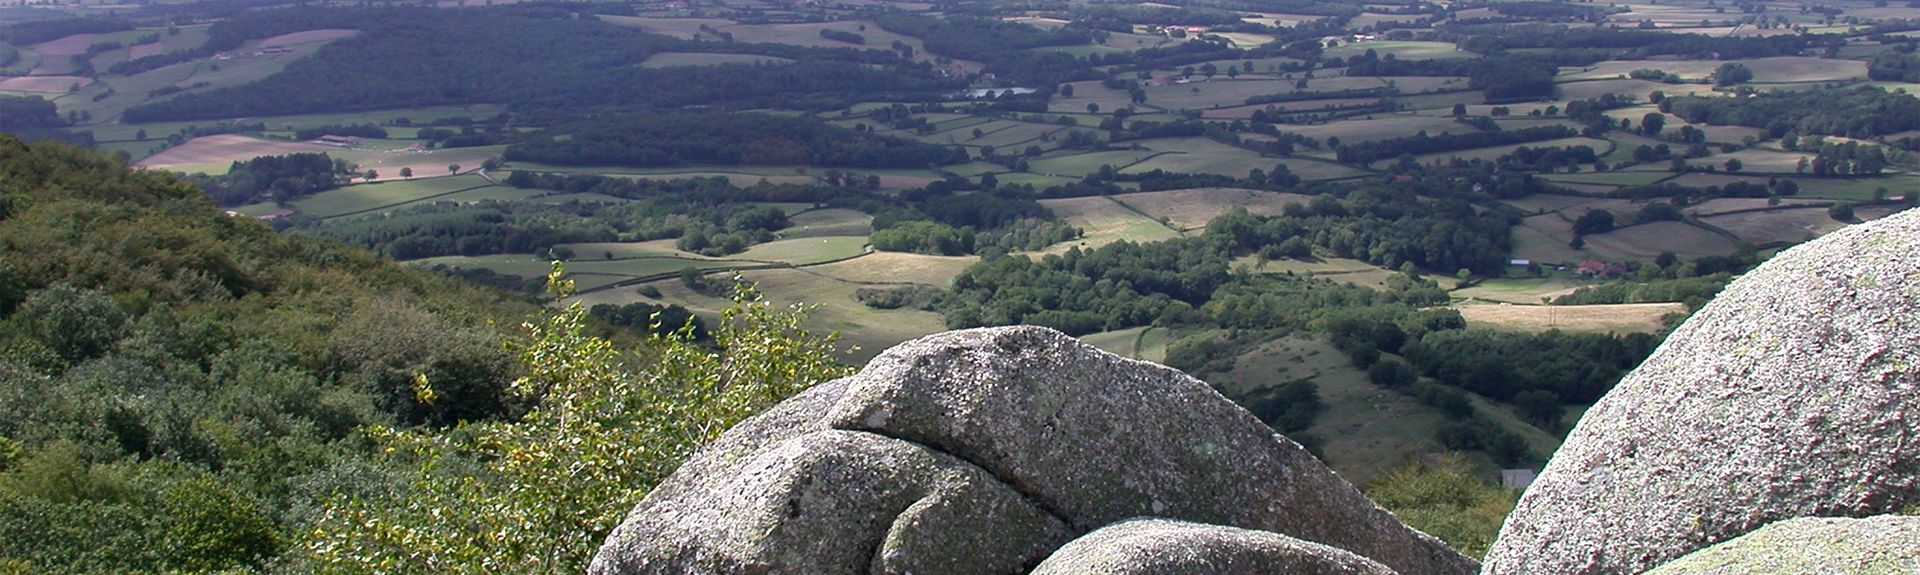 Dracy-lès-Couches, Saone-et-Loire (department), France